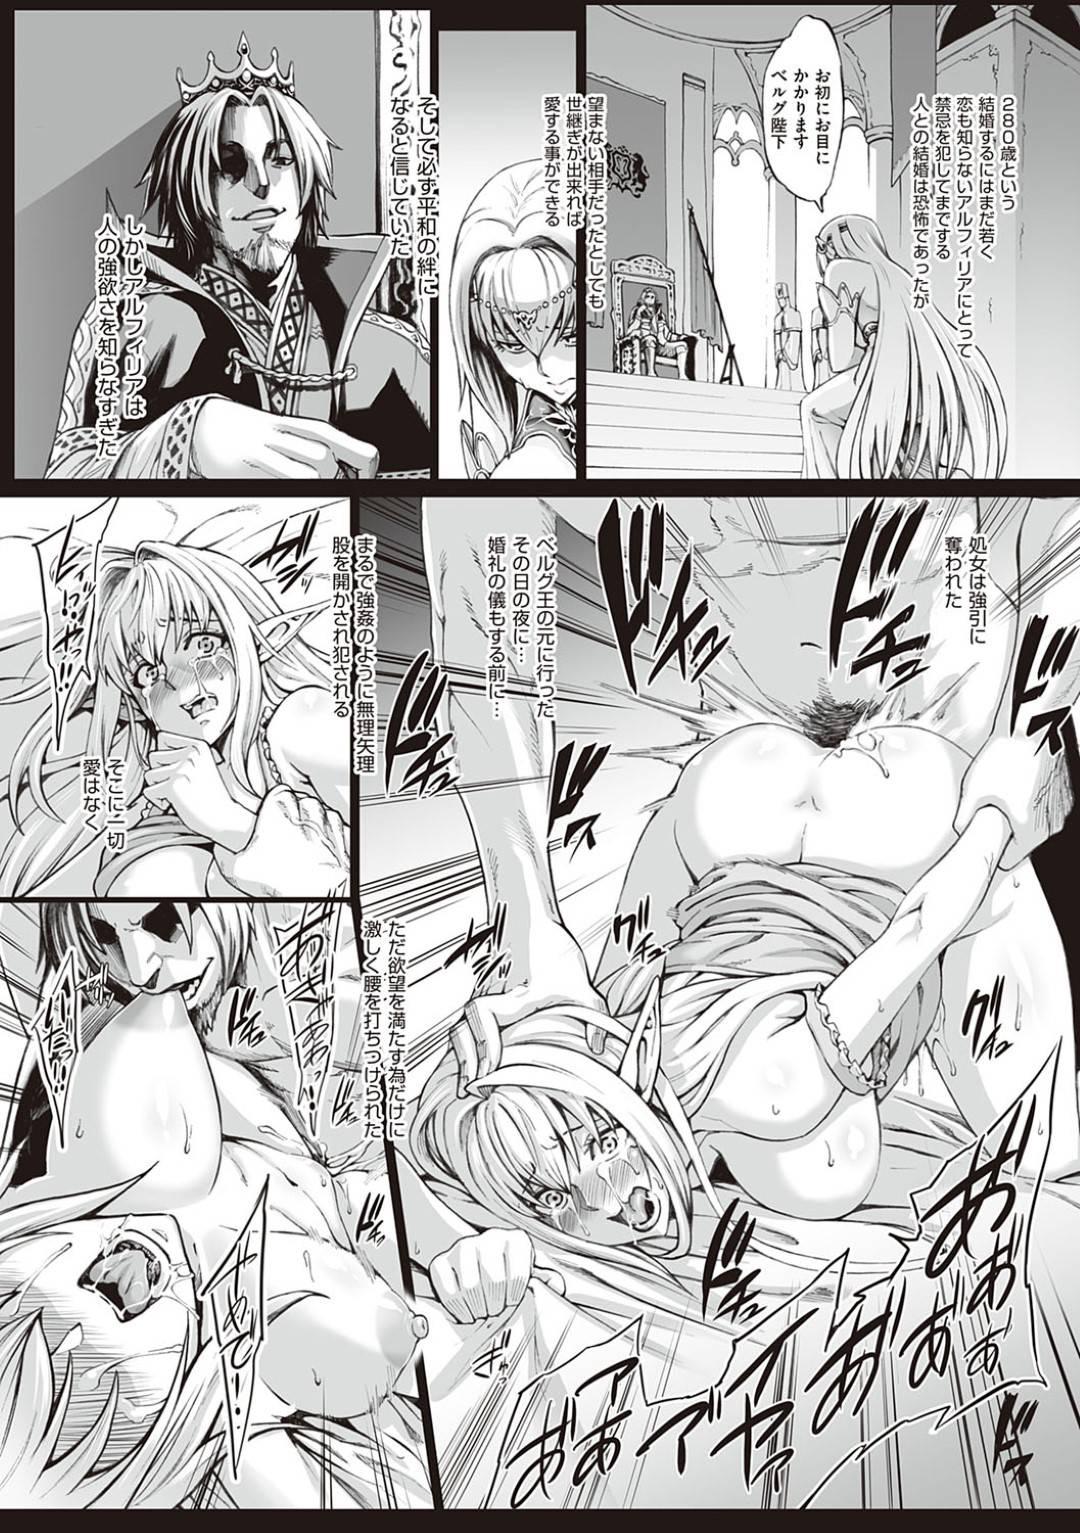 【エロ漫画】紛争を止める為にエルフのアルフィリア姫は人の王に嫁ぐ事を決意するが、何も知らない姫は処女を奪われ、毎晩中出しアクメのセックスを受けて、人とエルフが乱れ合う世界を迎えることになる!【ねろましん/豊穣の隷属エルフ~淫獄に堕ちる母娘~2】